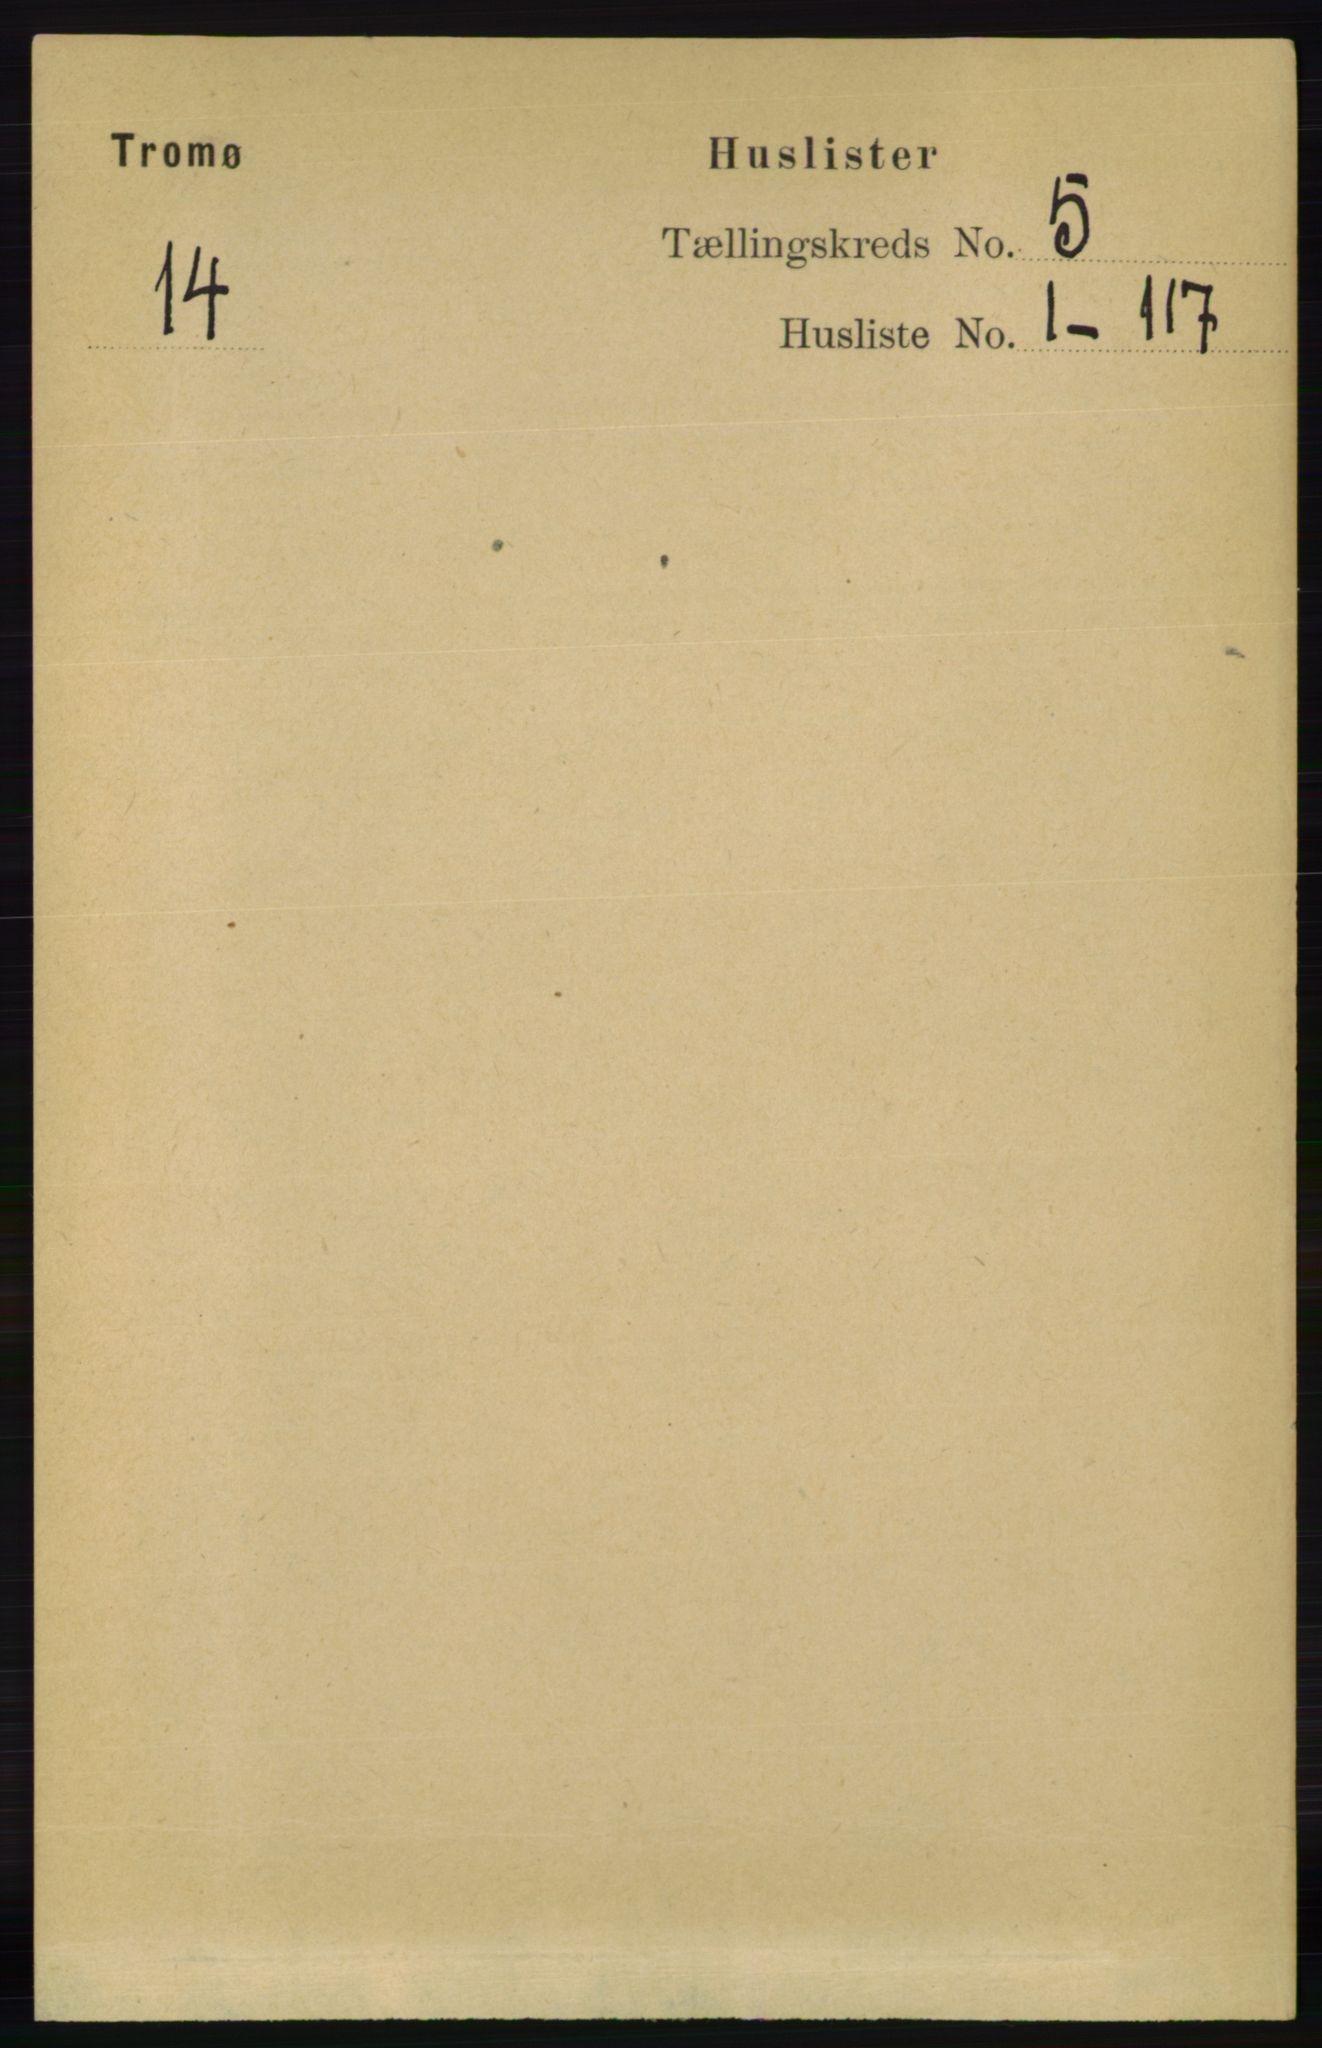 RA, Folketelling 1891 for 0921 Tromøy herred, 1891, s. 2070